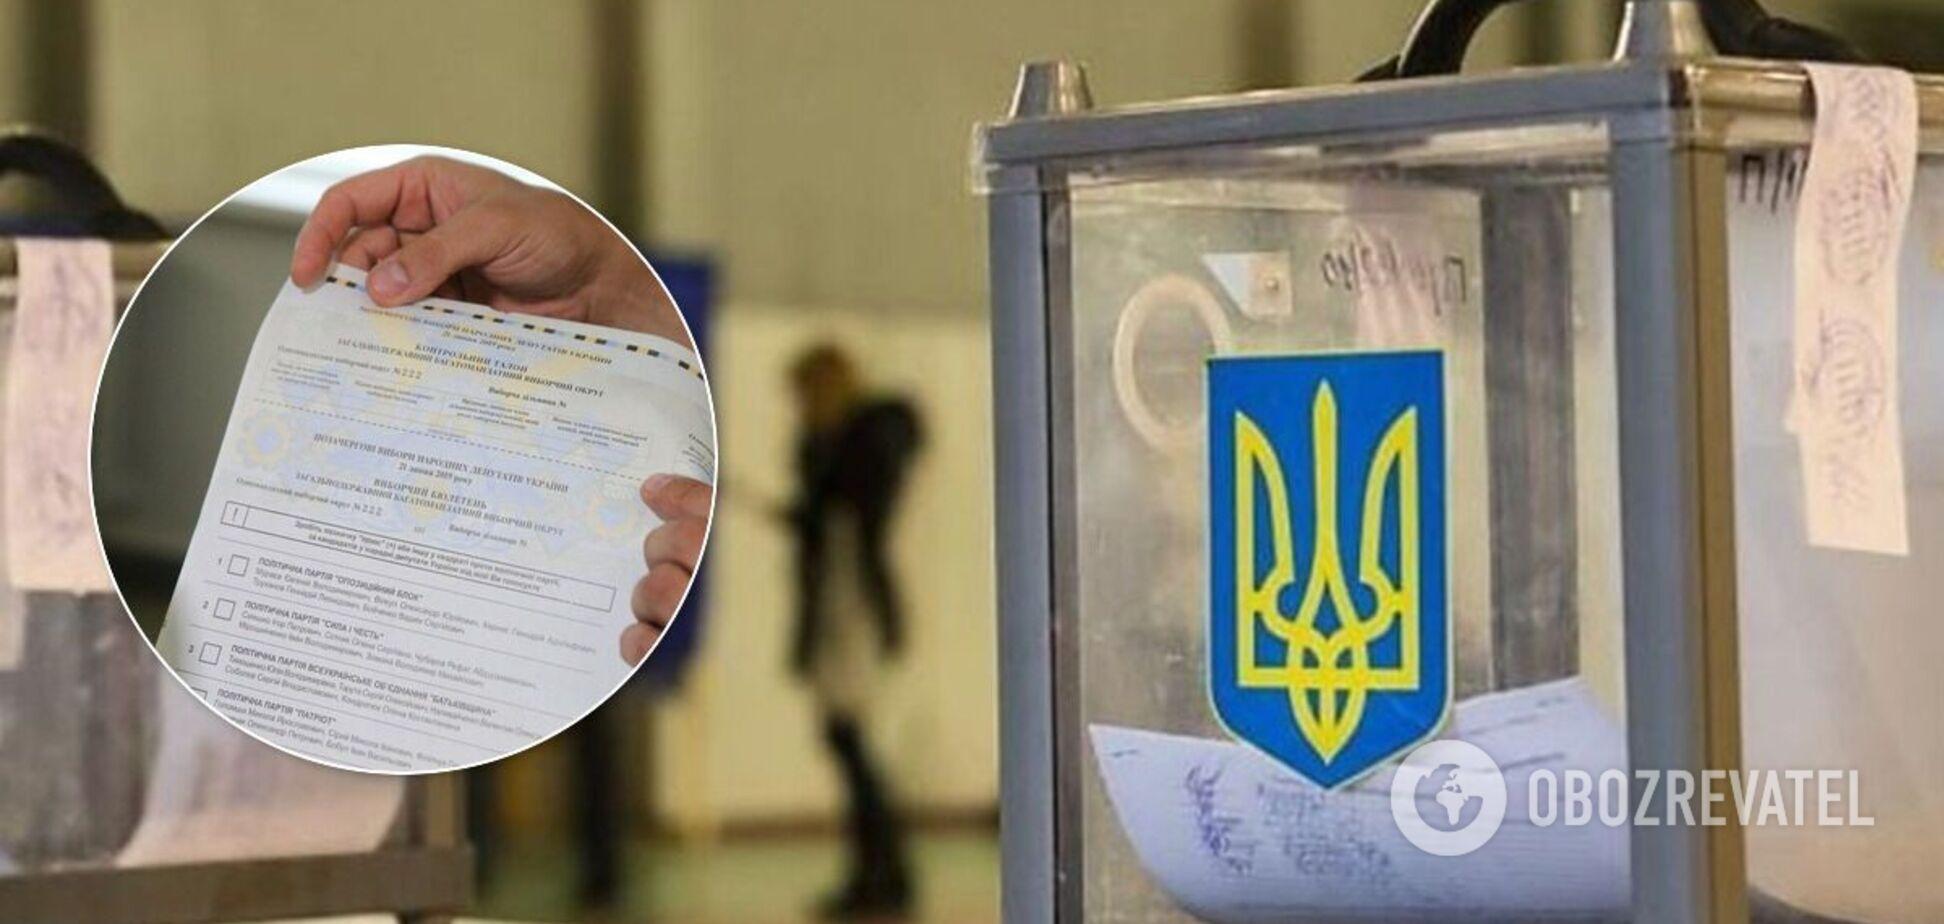 На выборах в Украинке парень порвал бюллетень и нарвался на полицию. Видео инцидента